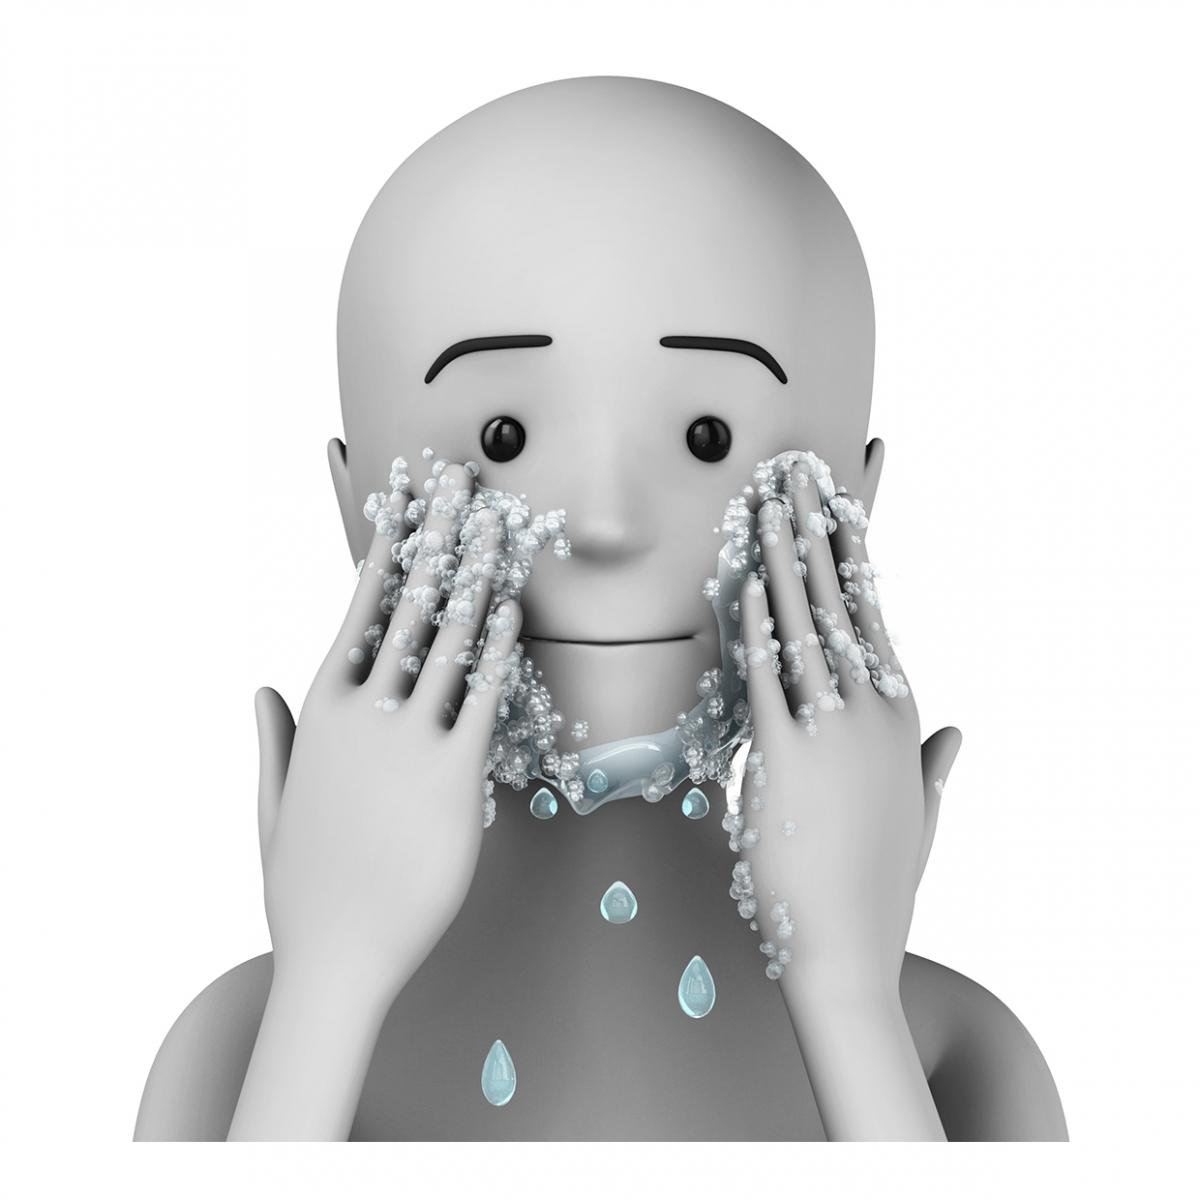 Imagen en la que se ve una persona lavándose la cara